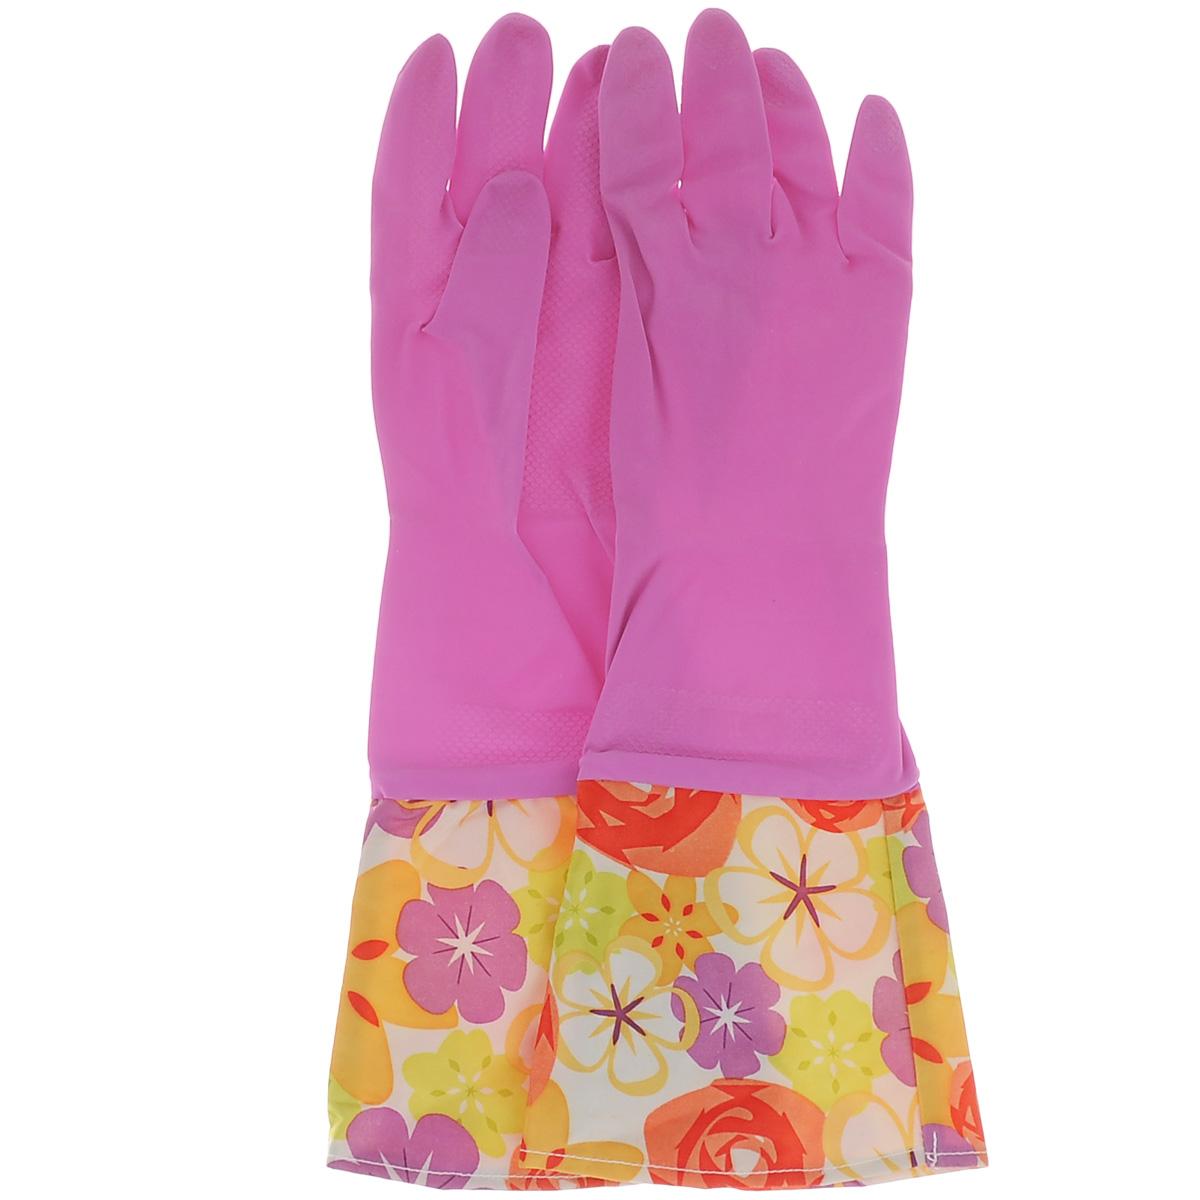 Перчатки хозяйственные Celesta, с удлиненными манжетами, цвет: розовый. Размер М08005Перчатки Celesta незаменимы при различных хозяйственных работах. Внутреннее хлопковое покрытие обеспечивает комфорт рукам и защищает от раздражений. Высокие манжеты препятствуют попаданию воды и грязи. Благодаря рифленой поверхности удобно удерживать мокрые предметы.Уважаемые клиенты!Обращаем ваше внимание на возможные цветовые варьирования в манжете. Поставка возможна в зависимости от наличия на складе.